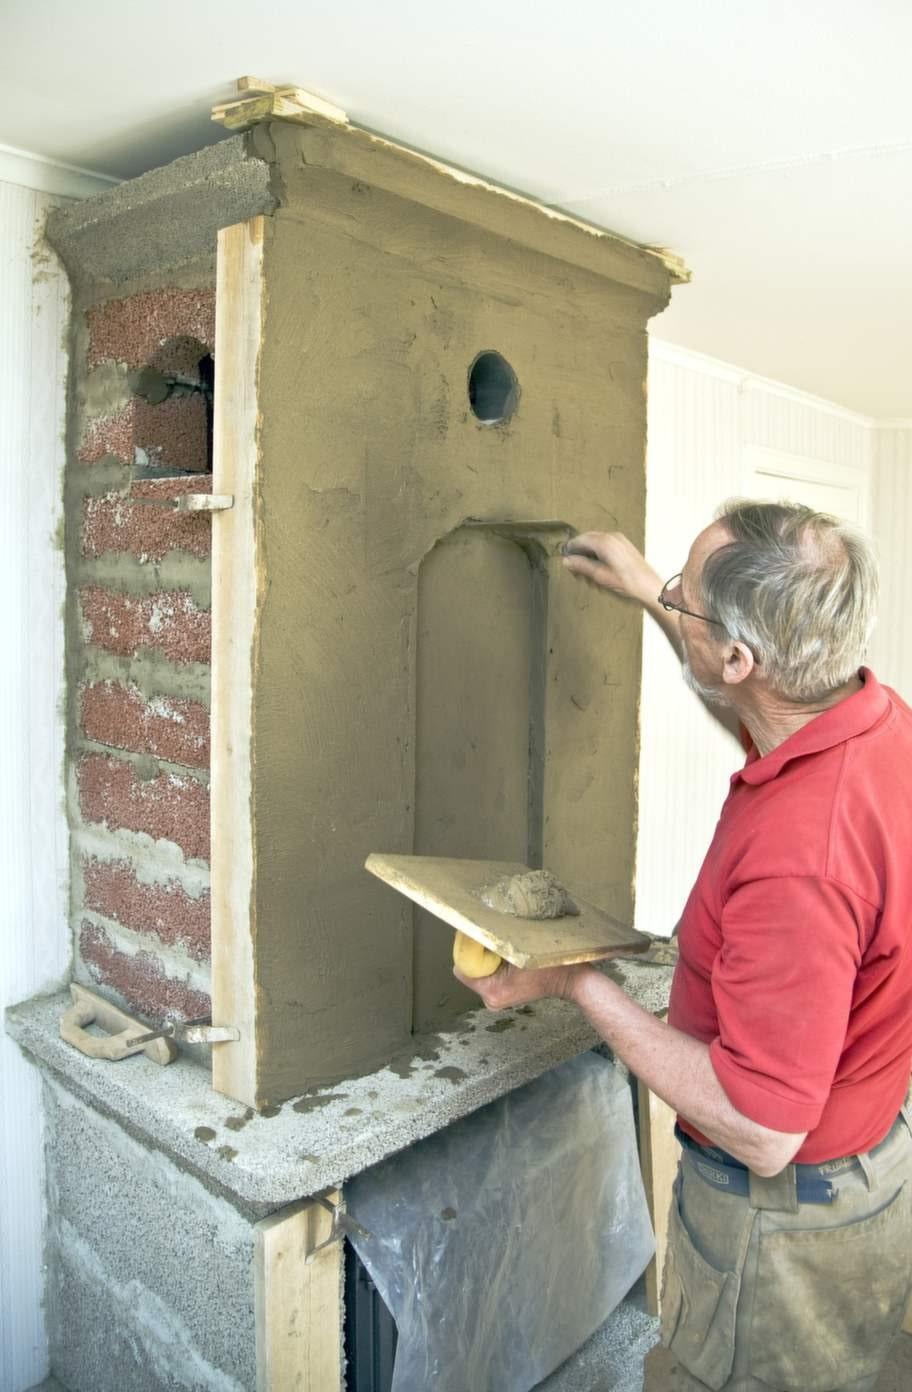 Putsa slättAtt putsa en murspis är en riktig konst. Här krävs en  verklig yrkesman. Nu är nästan hela murspisen färdigputsad. Innan det är  dags att måla måste putsen torka ordentligt - minst 3 dygn.